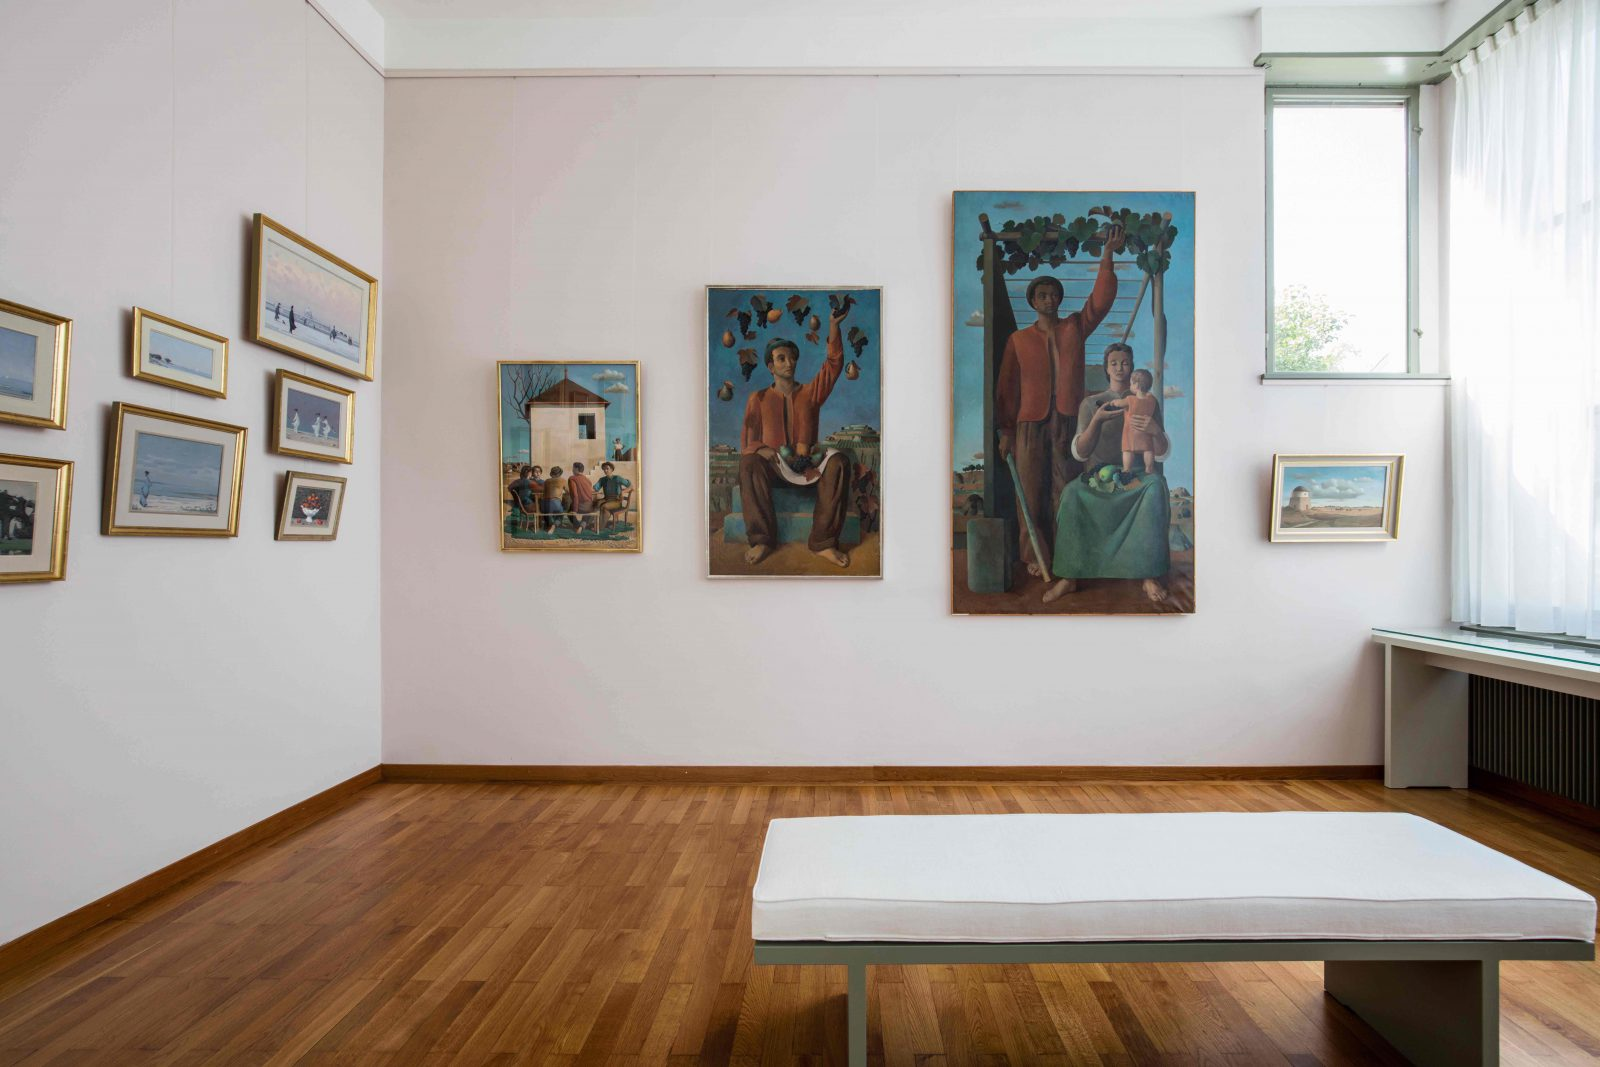 L'Atelier De Grandi à Corseaux exposition dans Aile